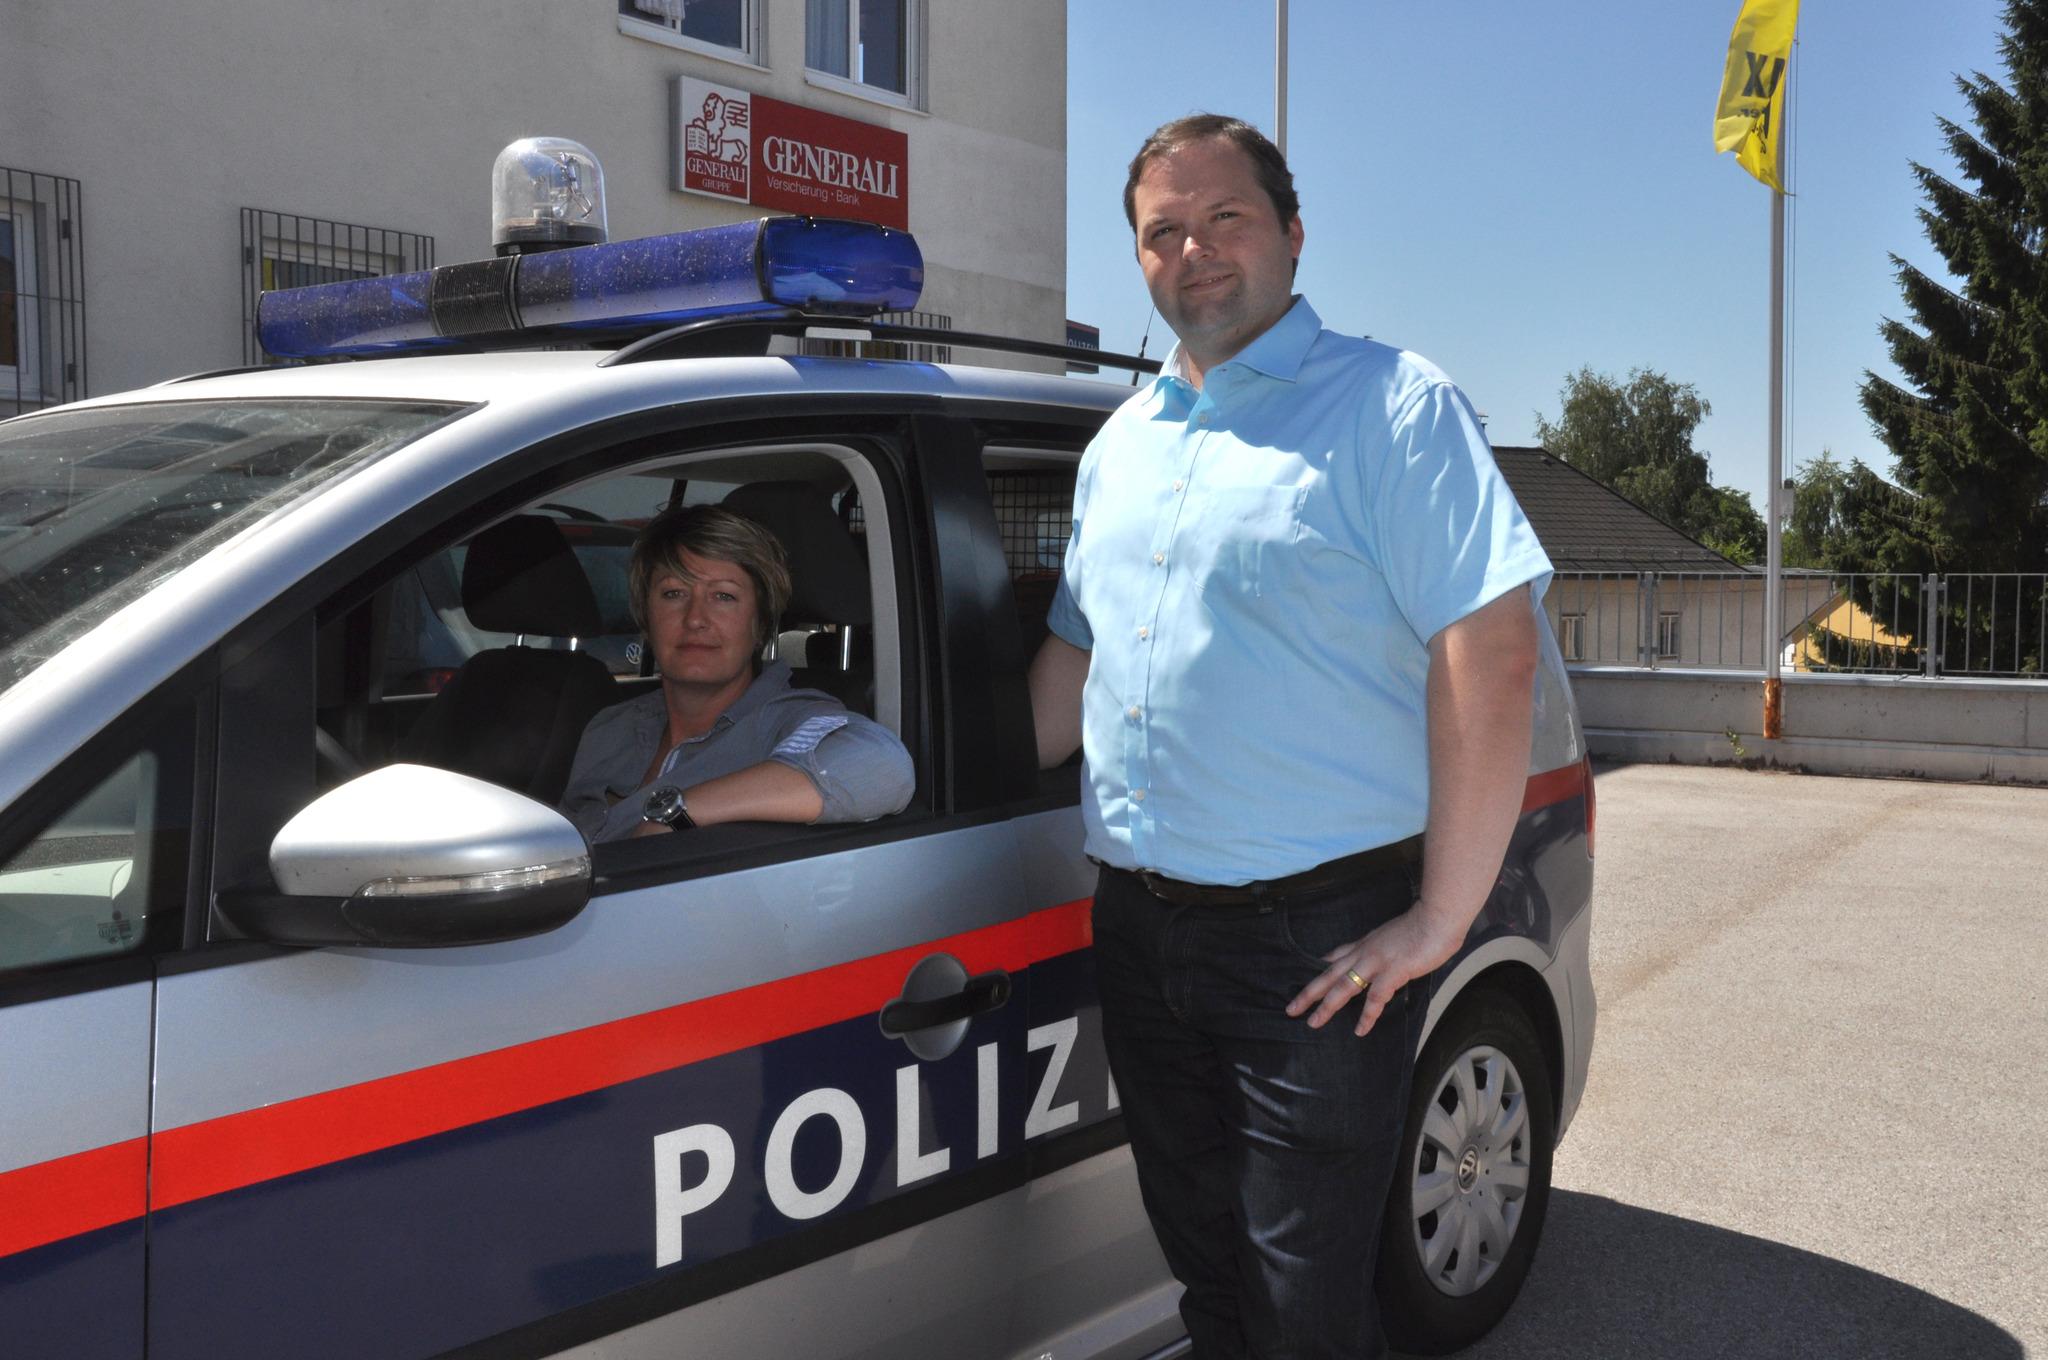 Polizisten kennenlernen aus heiligenkreuz am waasen